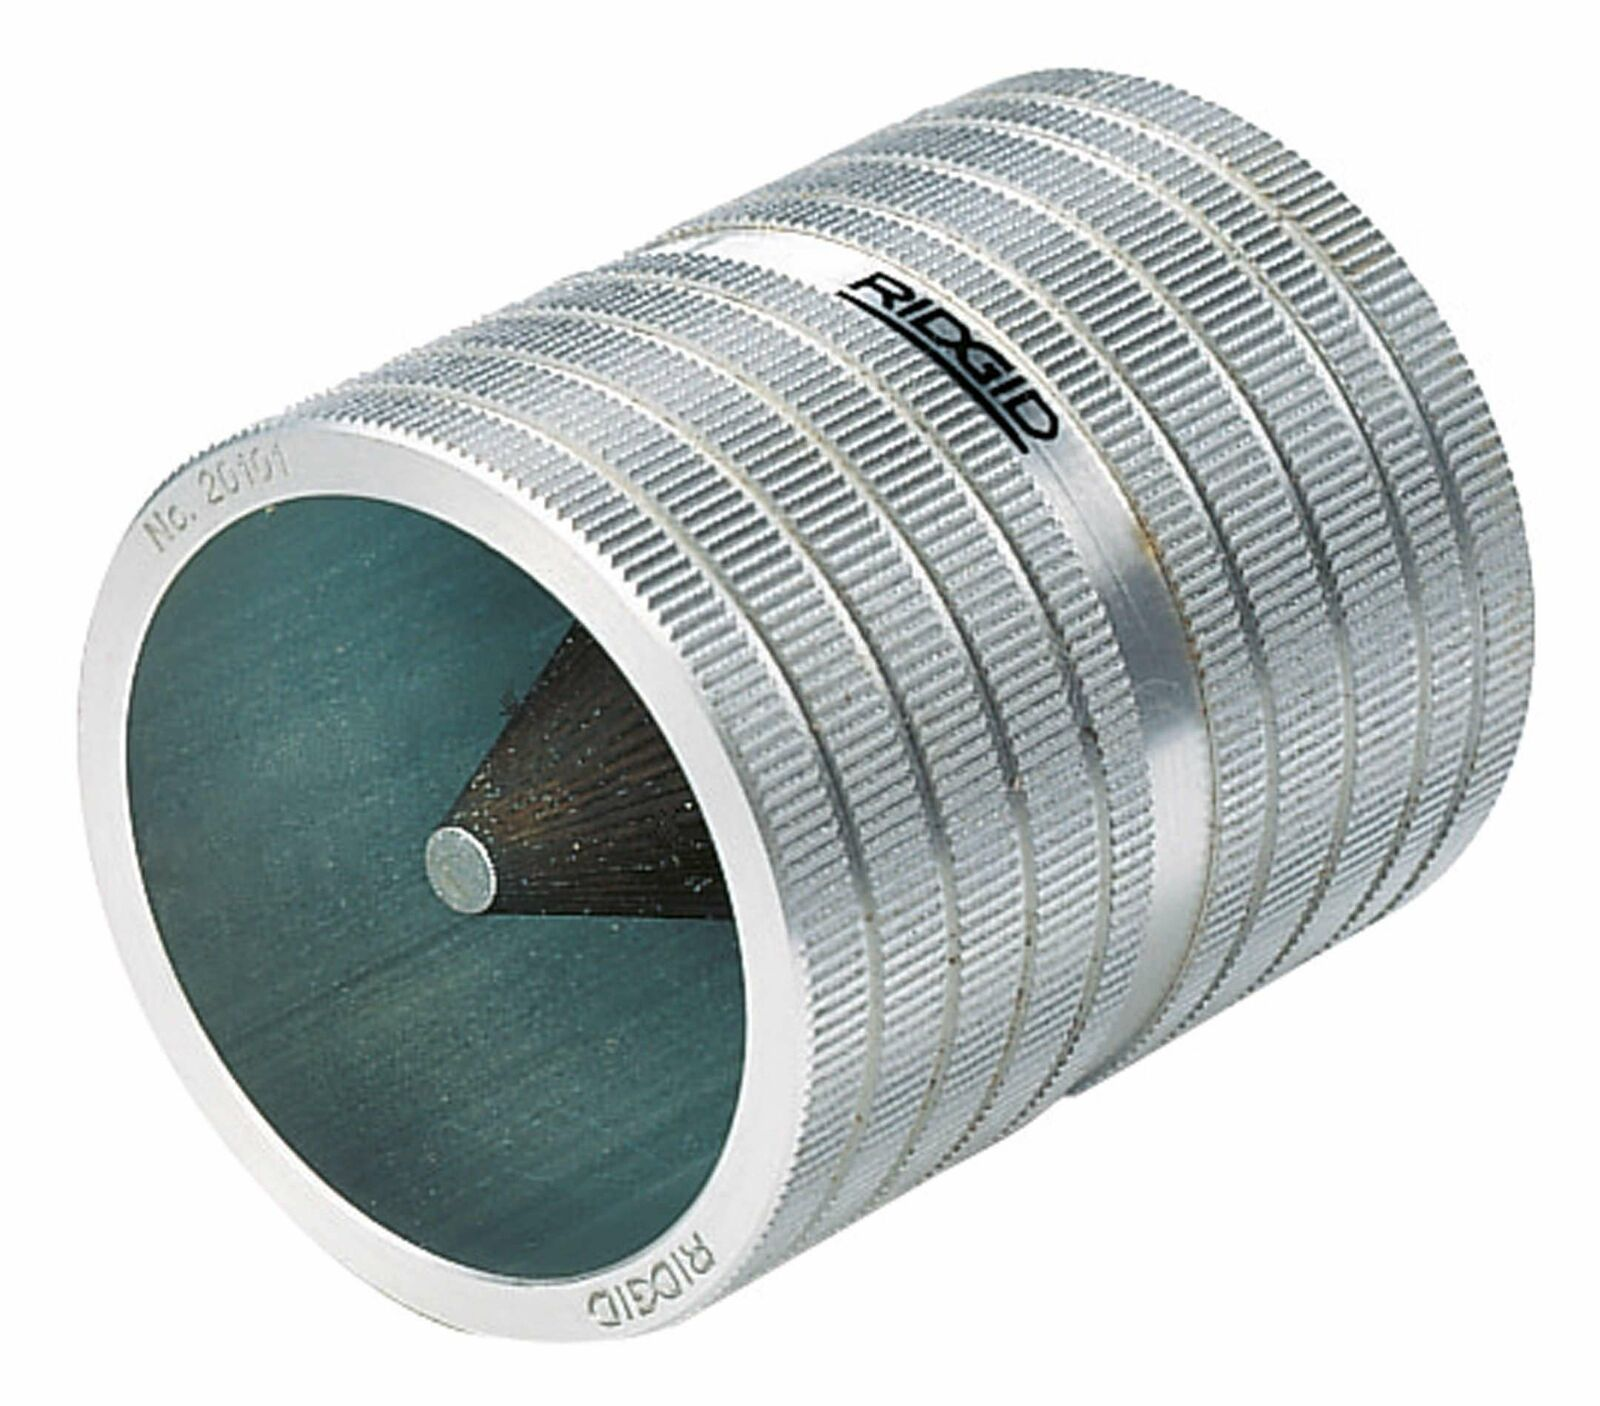 Ridgid Innen-   Außen-Entgrater 12 - 54mm - 29993